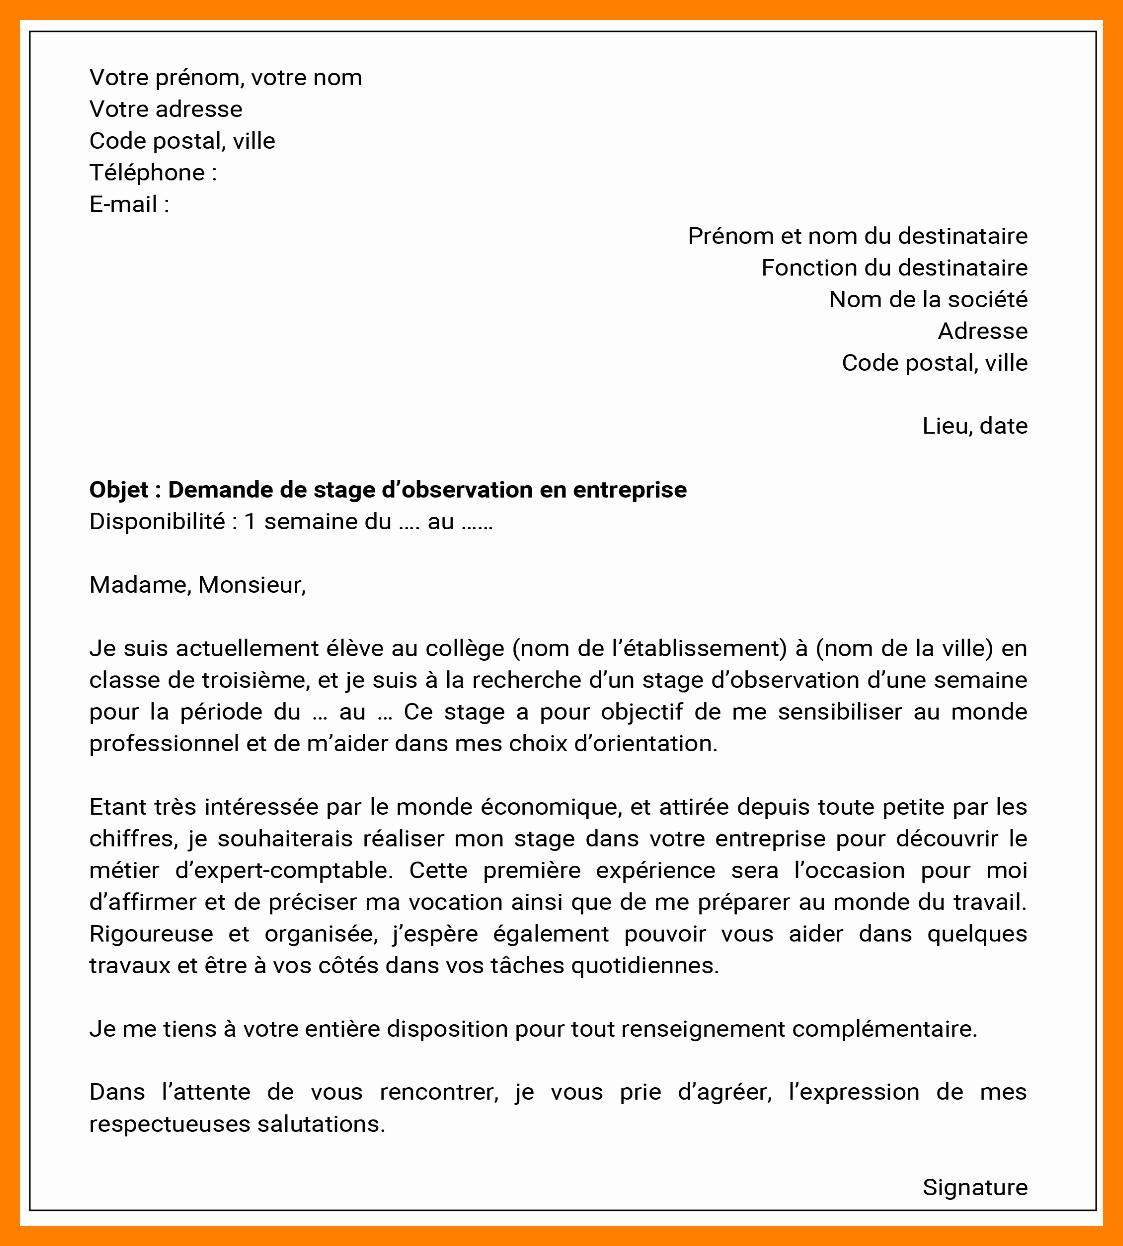 Lettre de motivation stage d observation - laboite-cv.fr